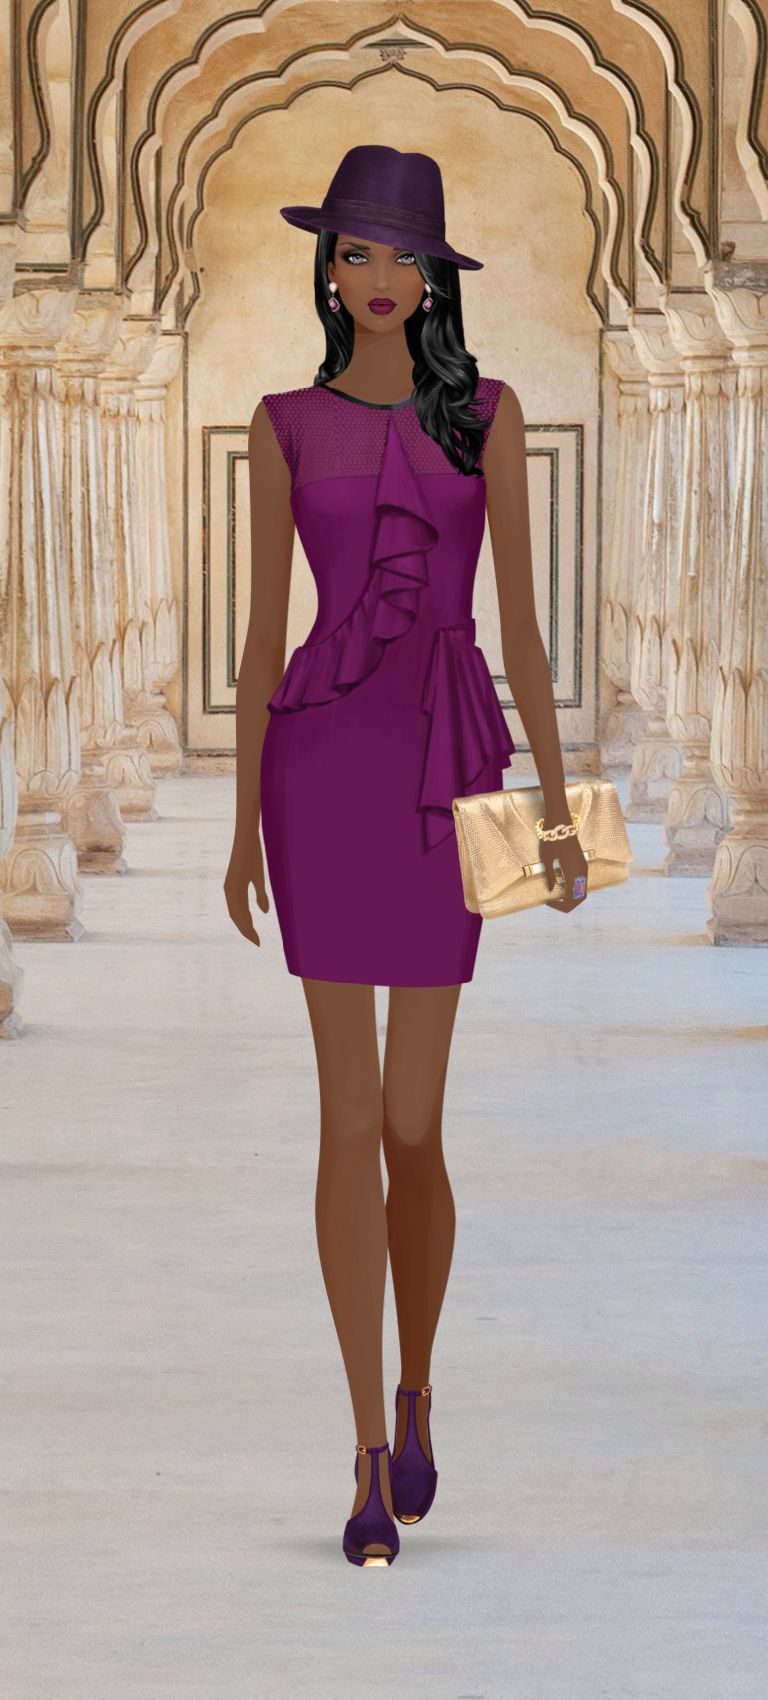 Fashion Game   ABG Fashion   Pinterest   Covet fashion, Croquis y ...